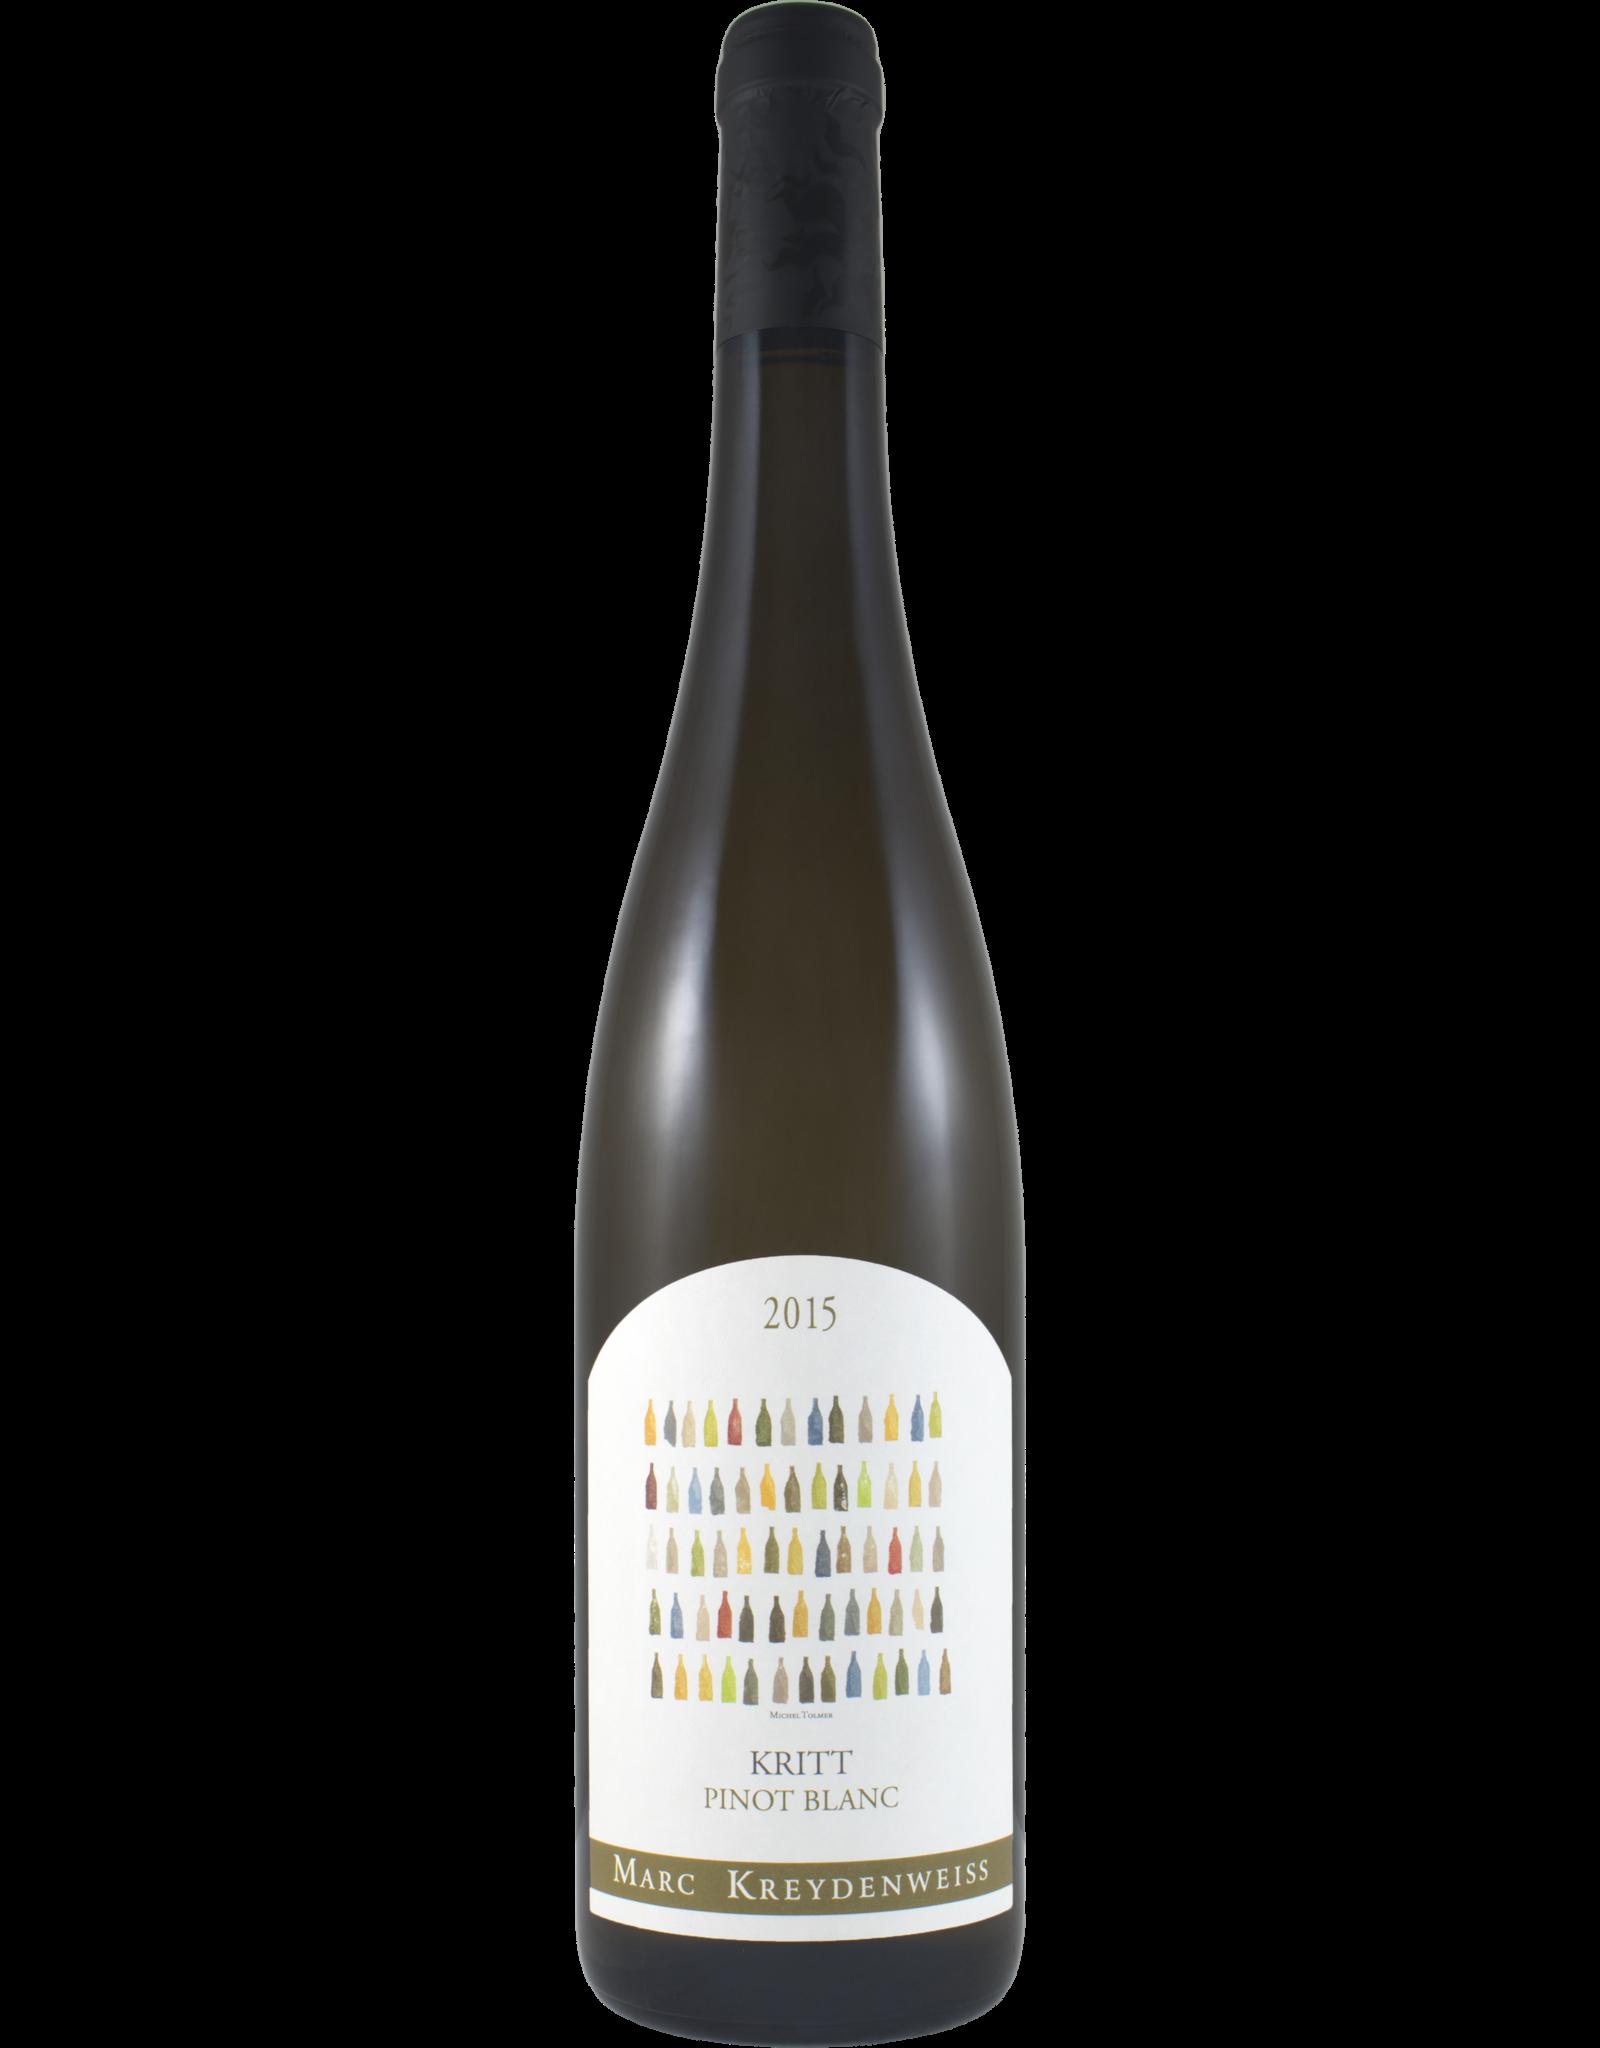 Mark Kreydenweiss 'Kritt' Pinot Blanc